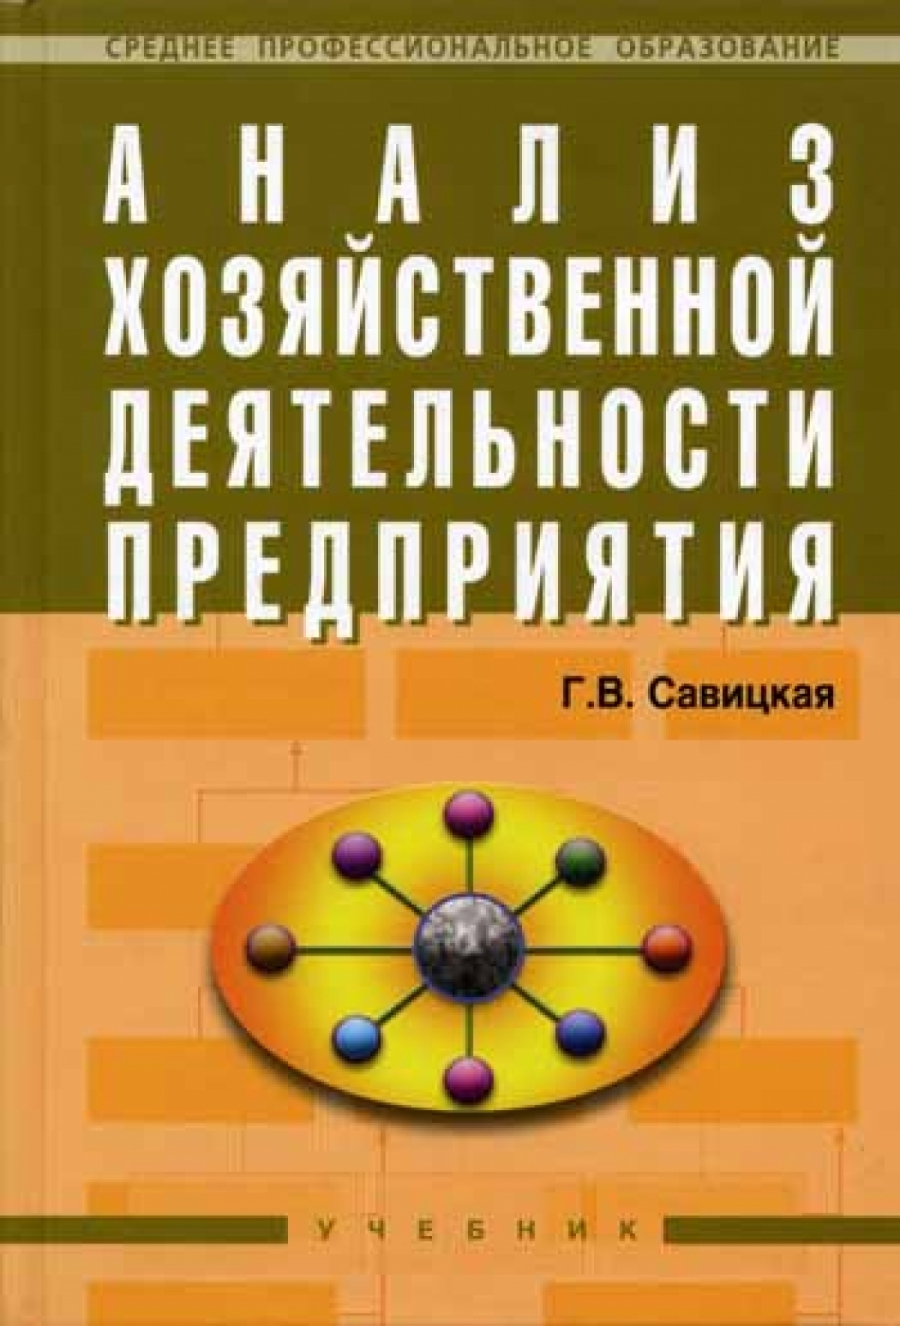 Обложка книги:  г.в. савицкая - анализ хозяйственной деятельности предприятия